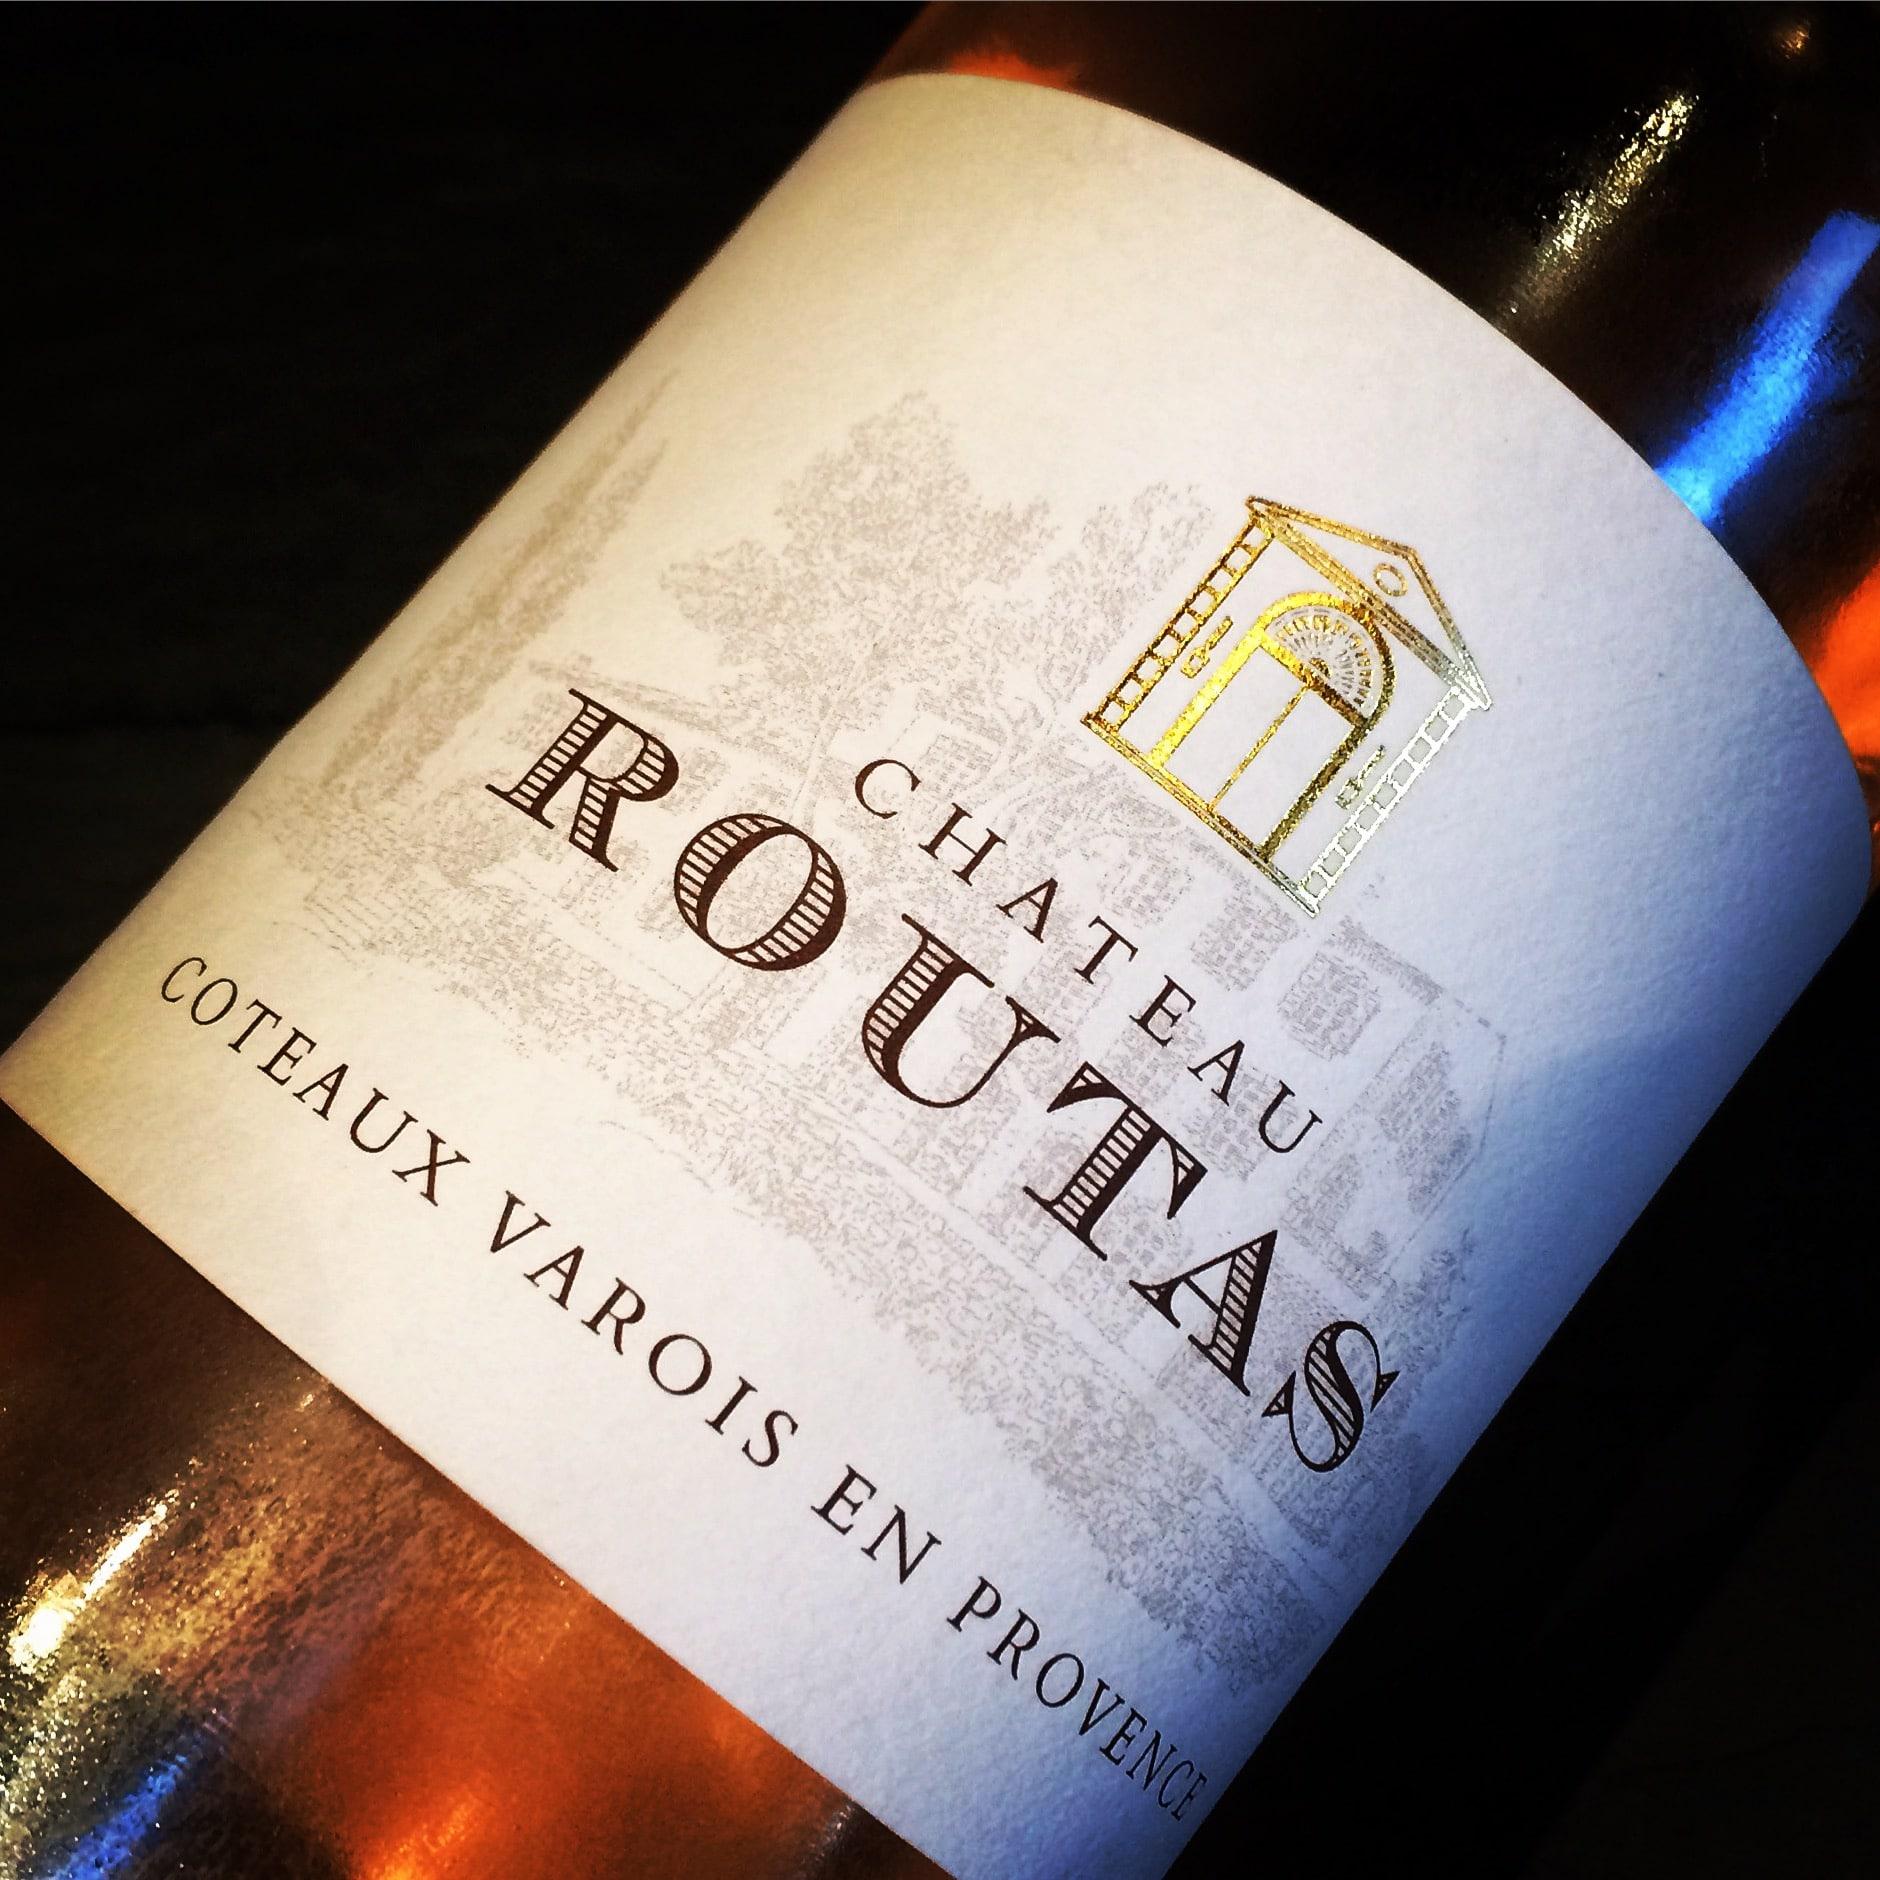 Routas Côteaux Varois Rosé En Provence 2014